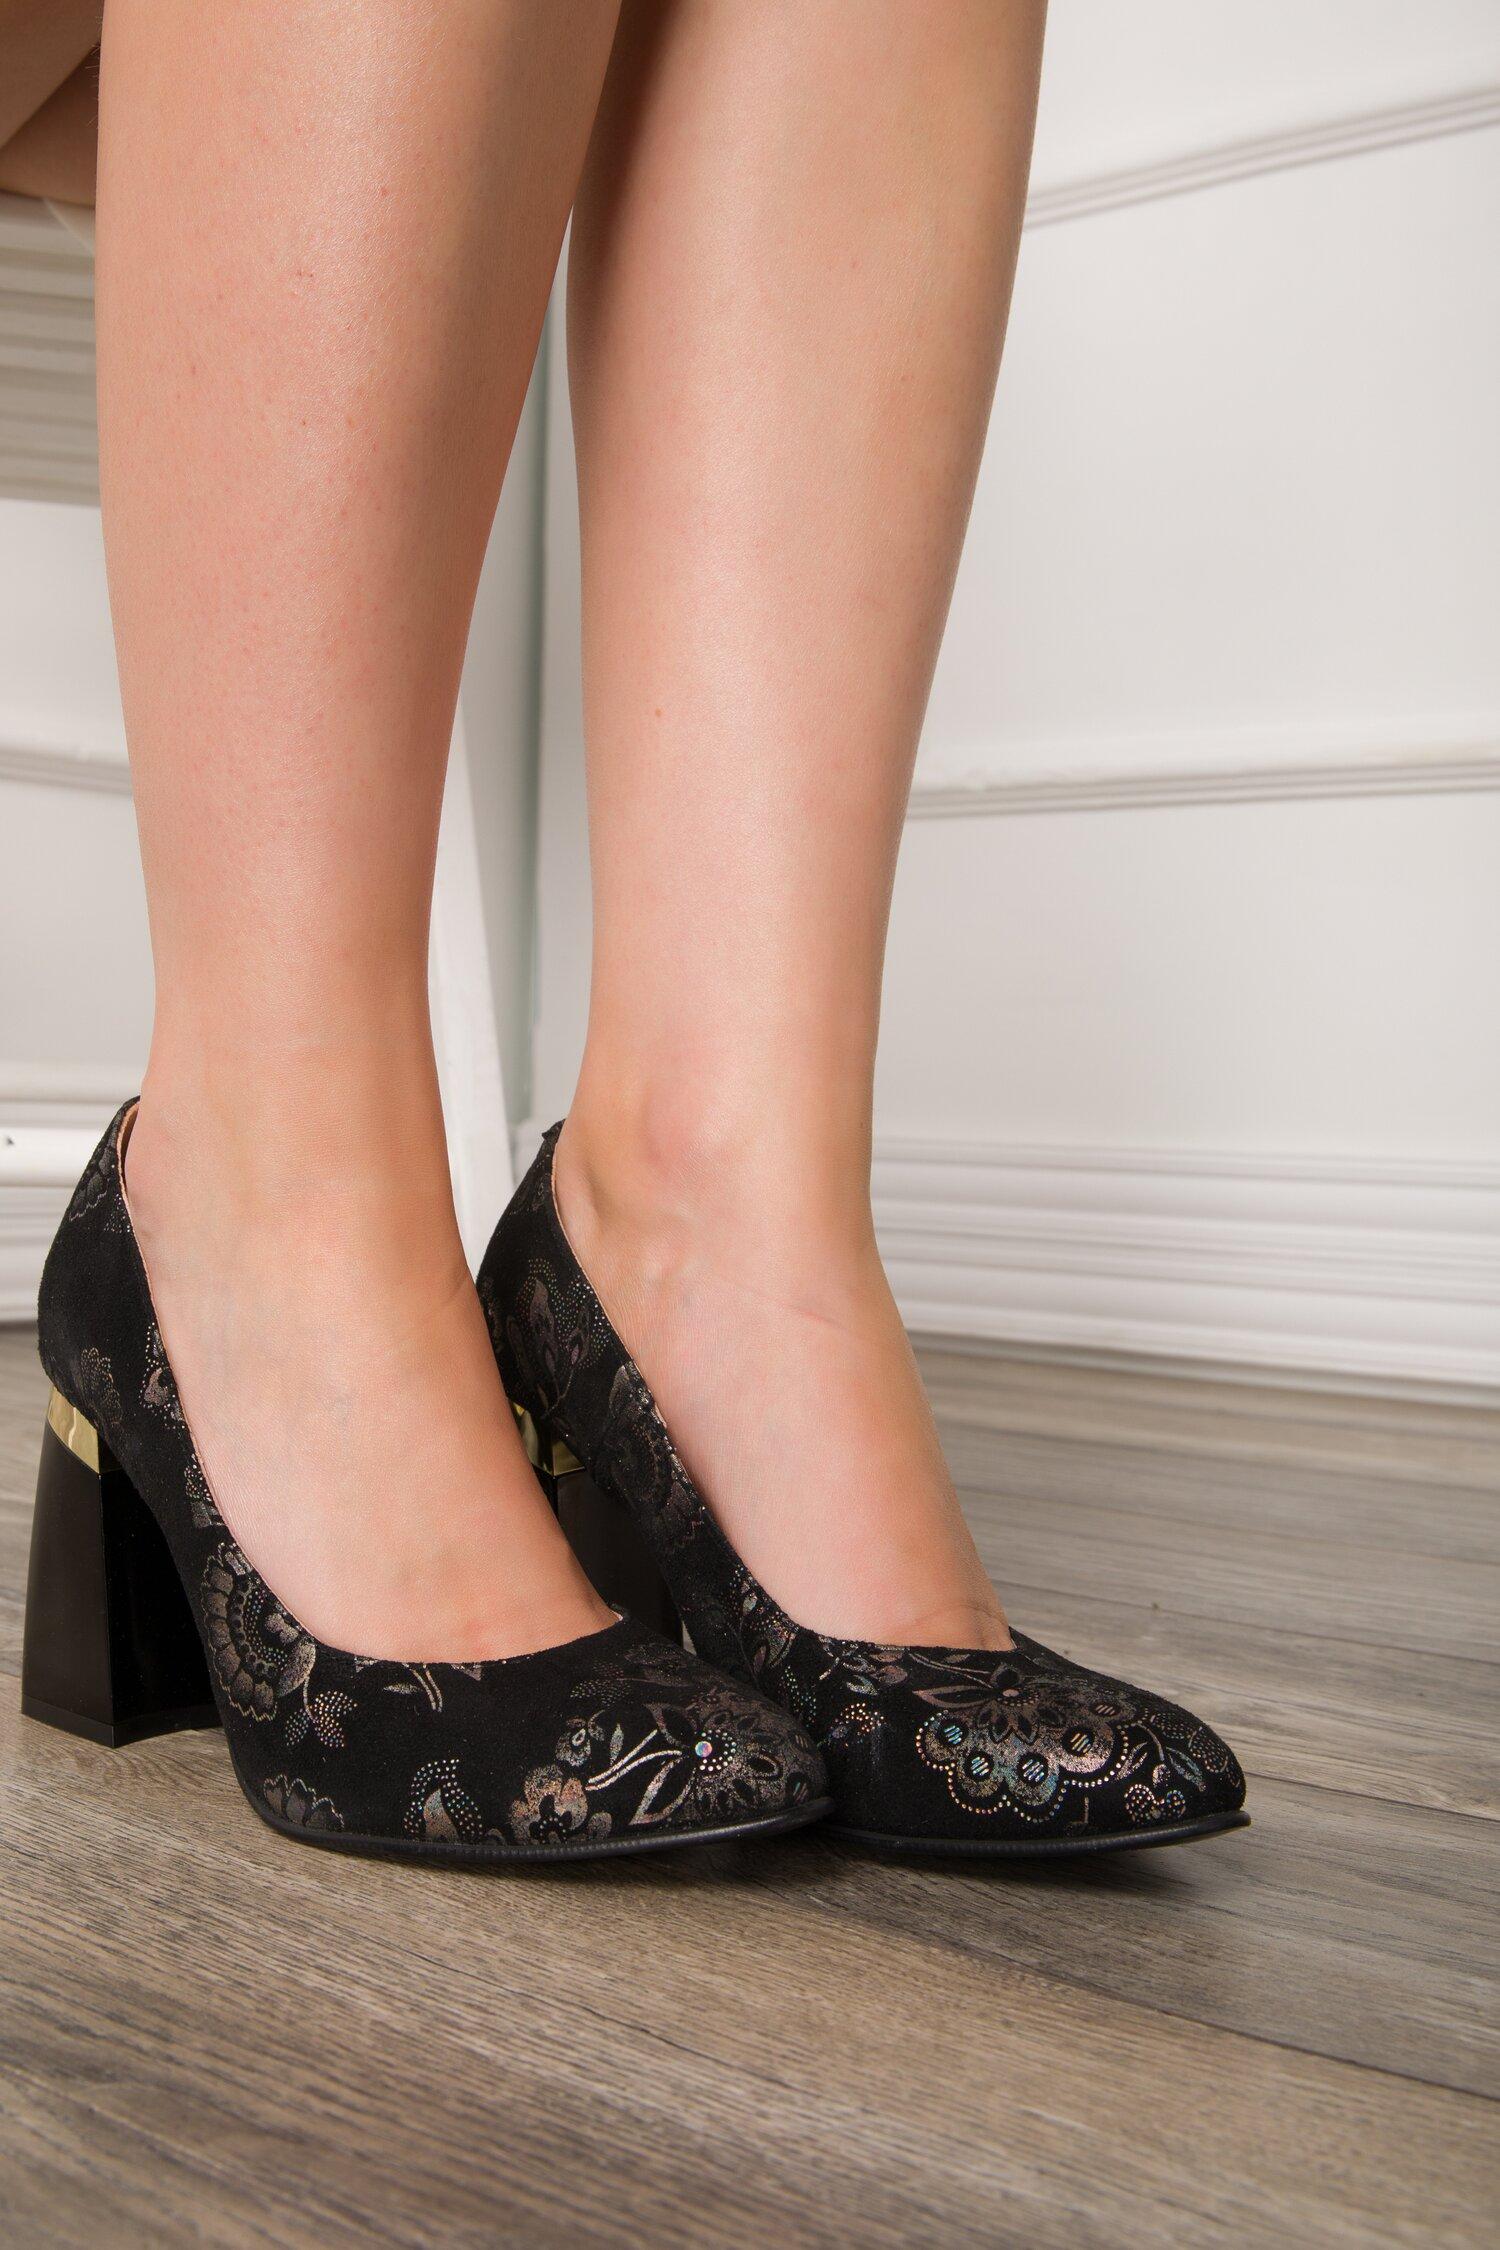 Pantofi negri cu imprimeuri florale stralucitoare si toc lacuit usor rotunjit